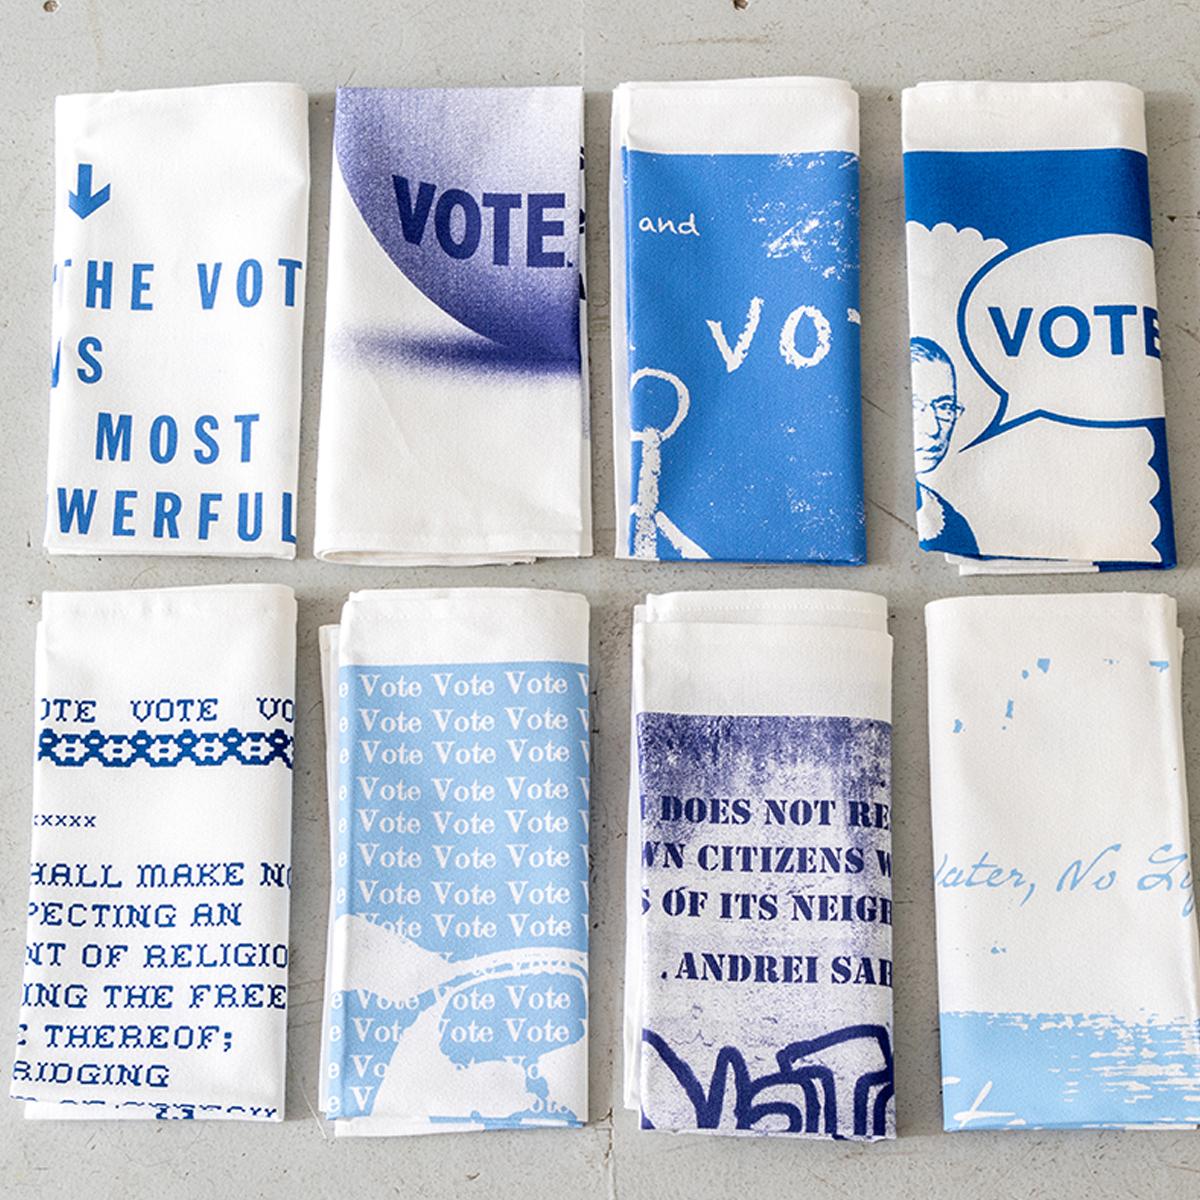 VG_vote.jpg